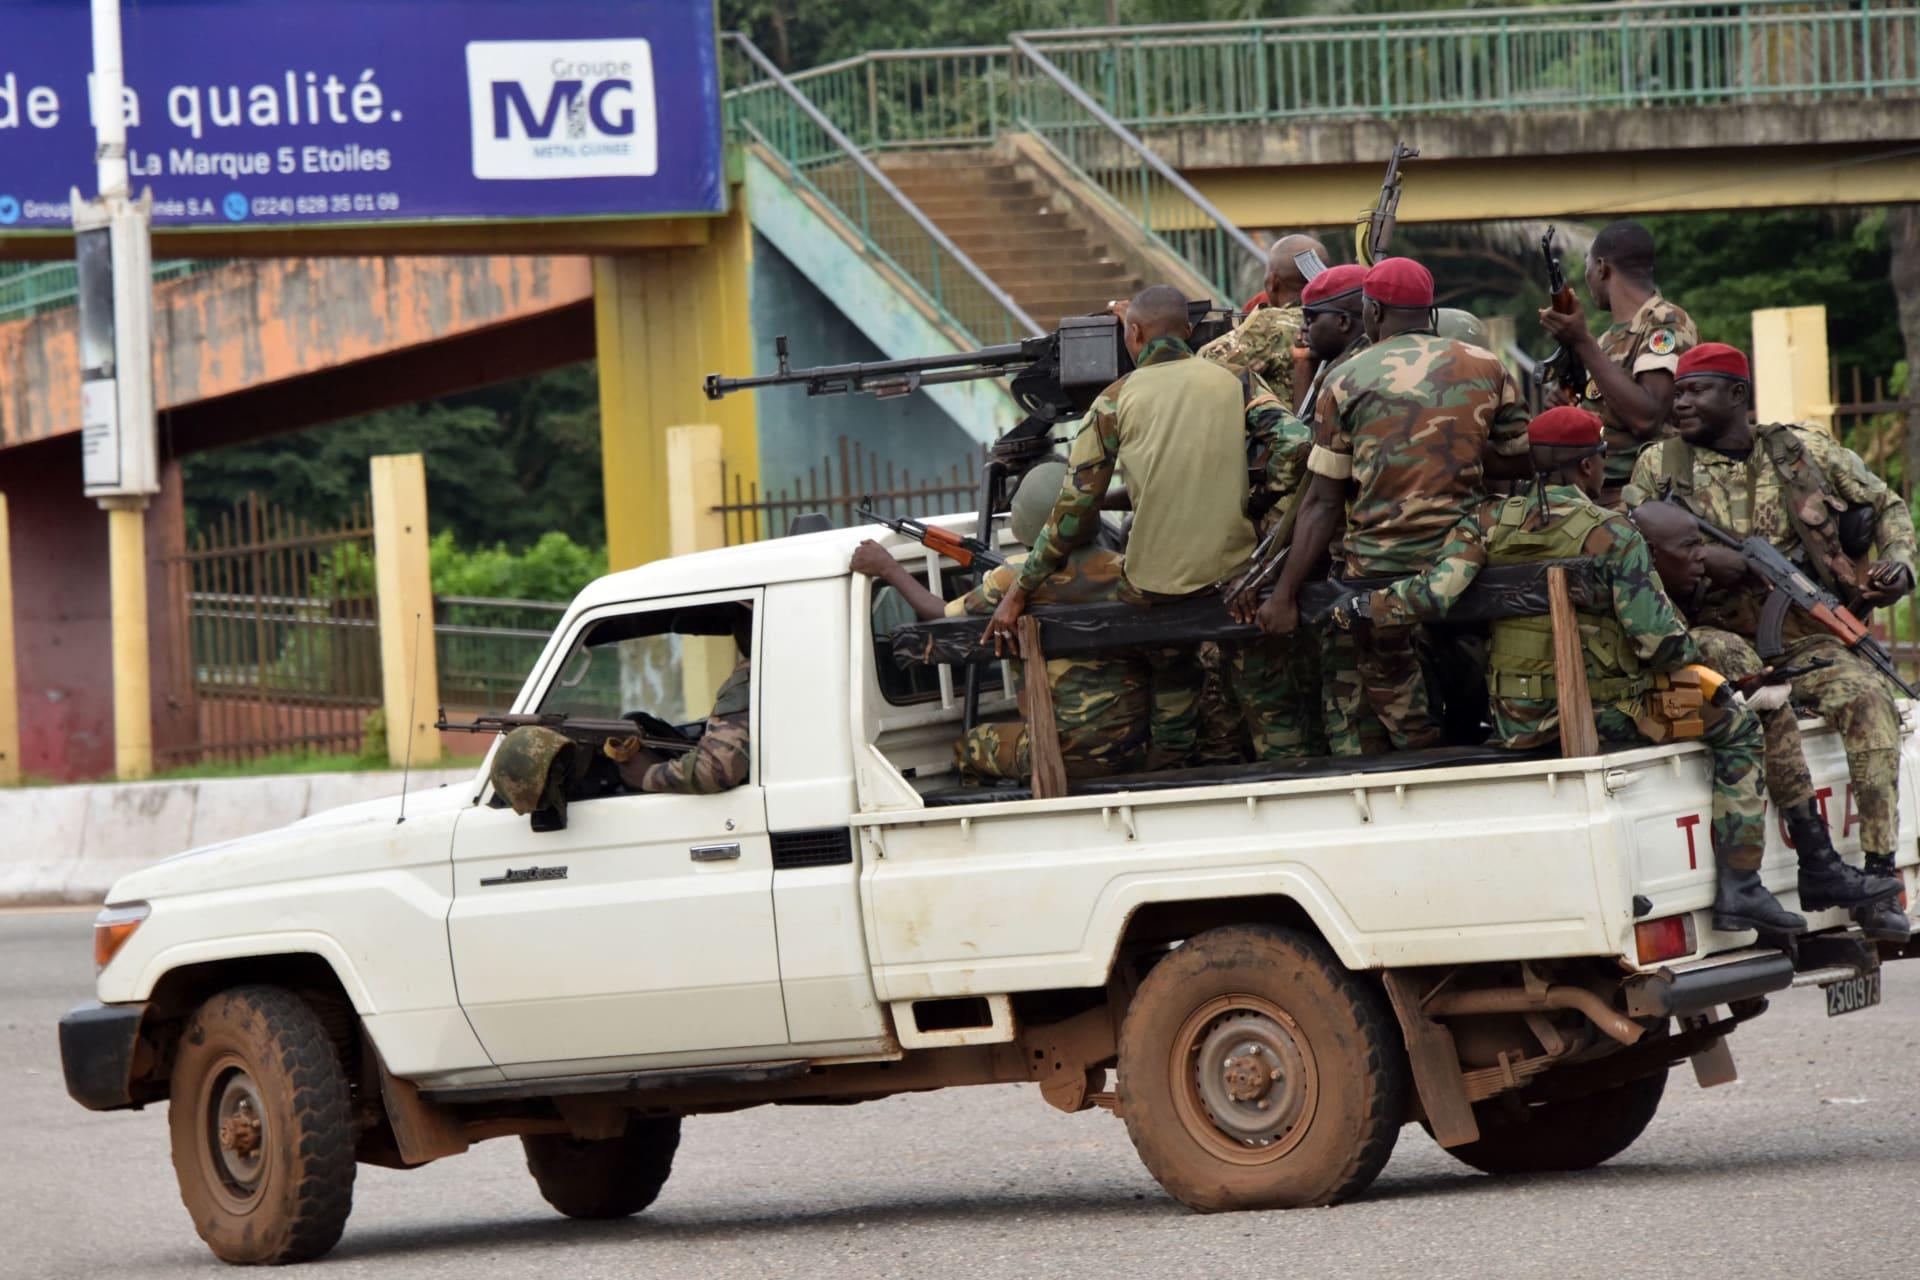 """الاتحاد الأفريقي يدين """"الانقلاب العسكري"""" في غينيا ويدعو للإفراج عن الرئيس فورا"""